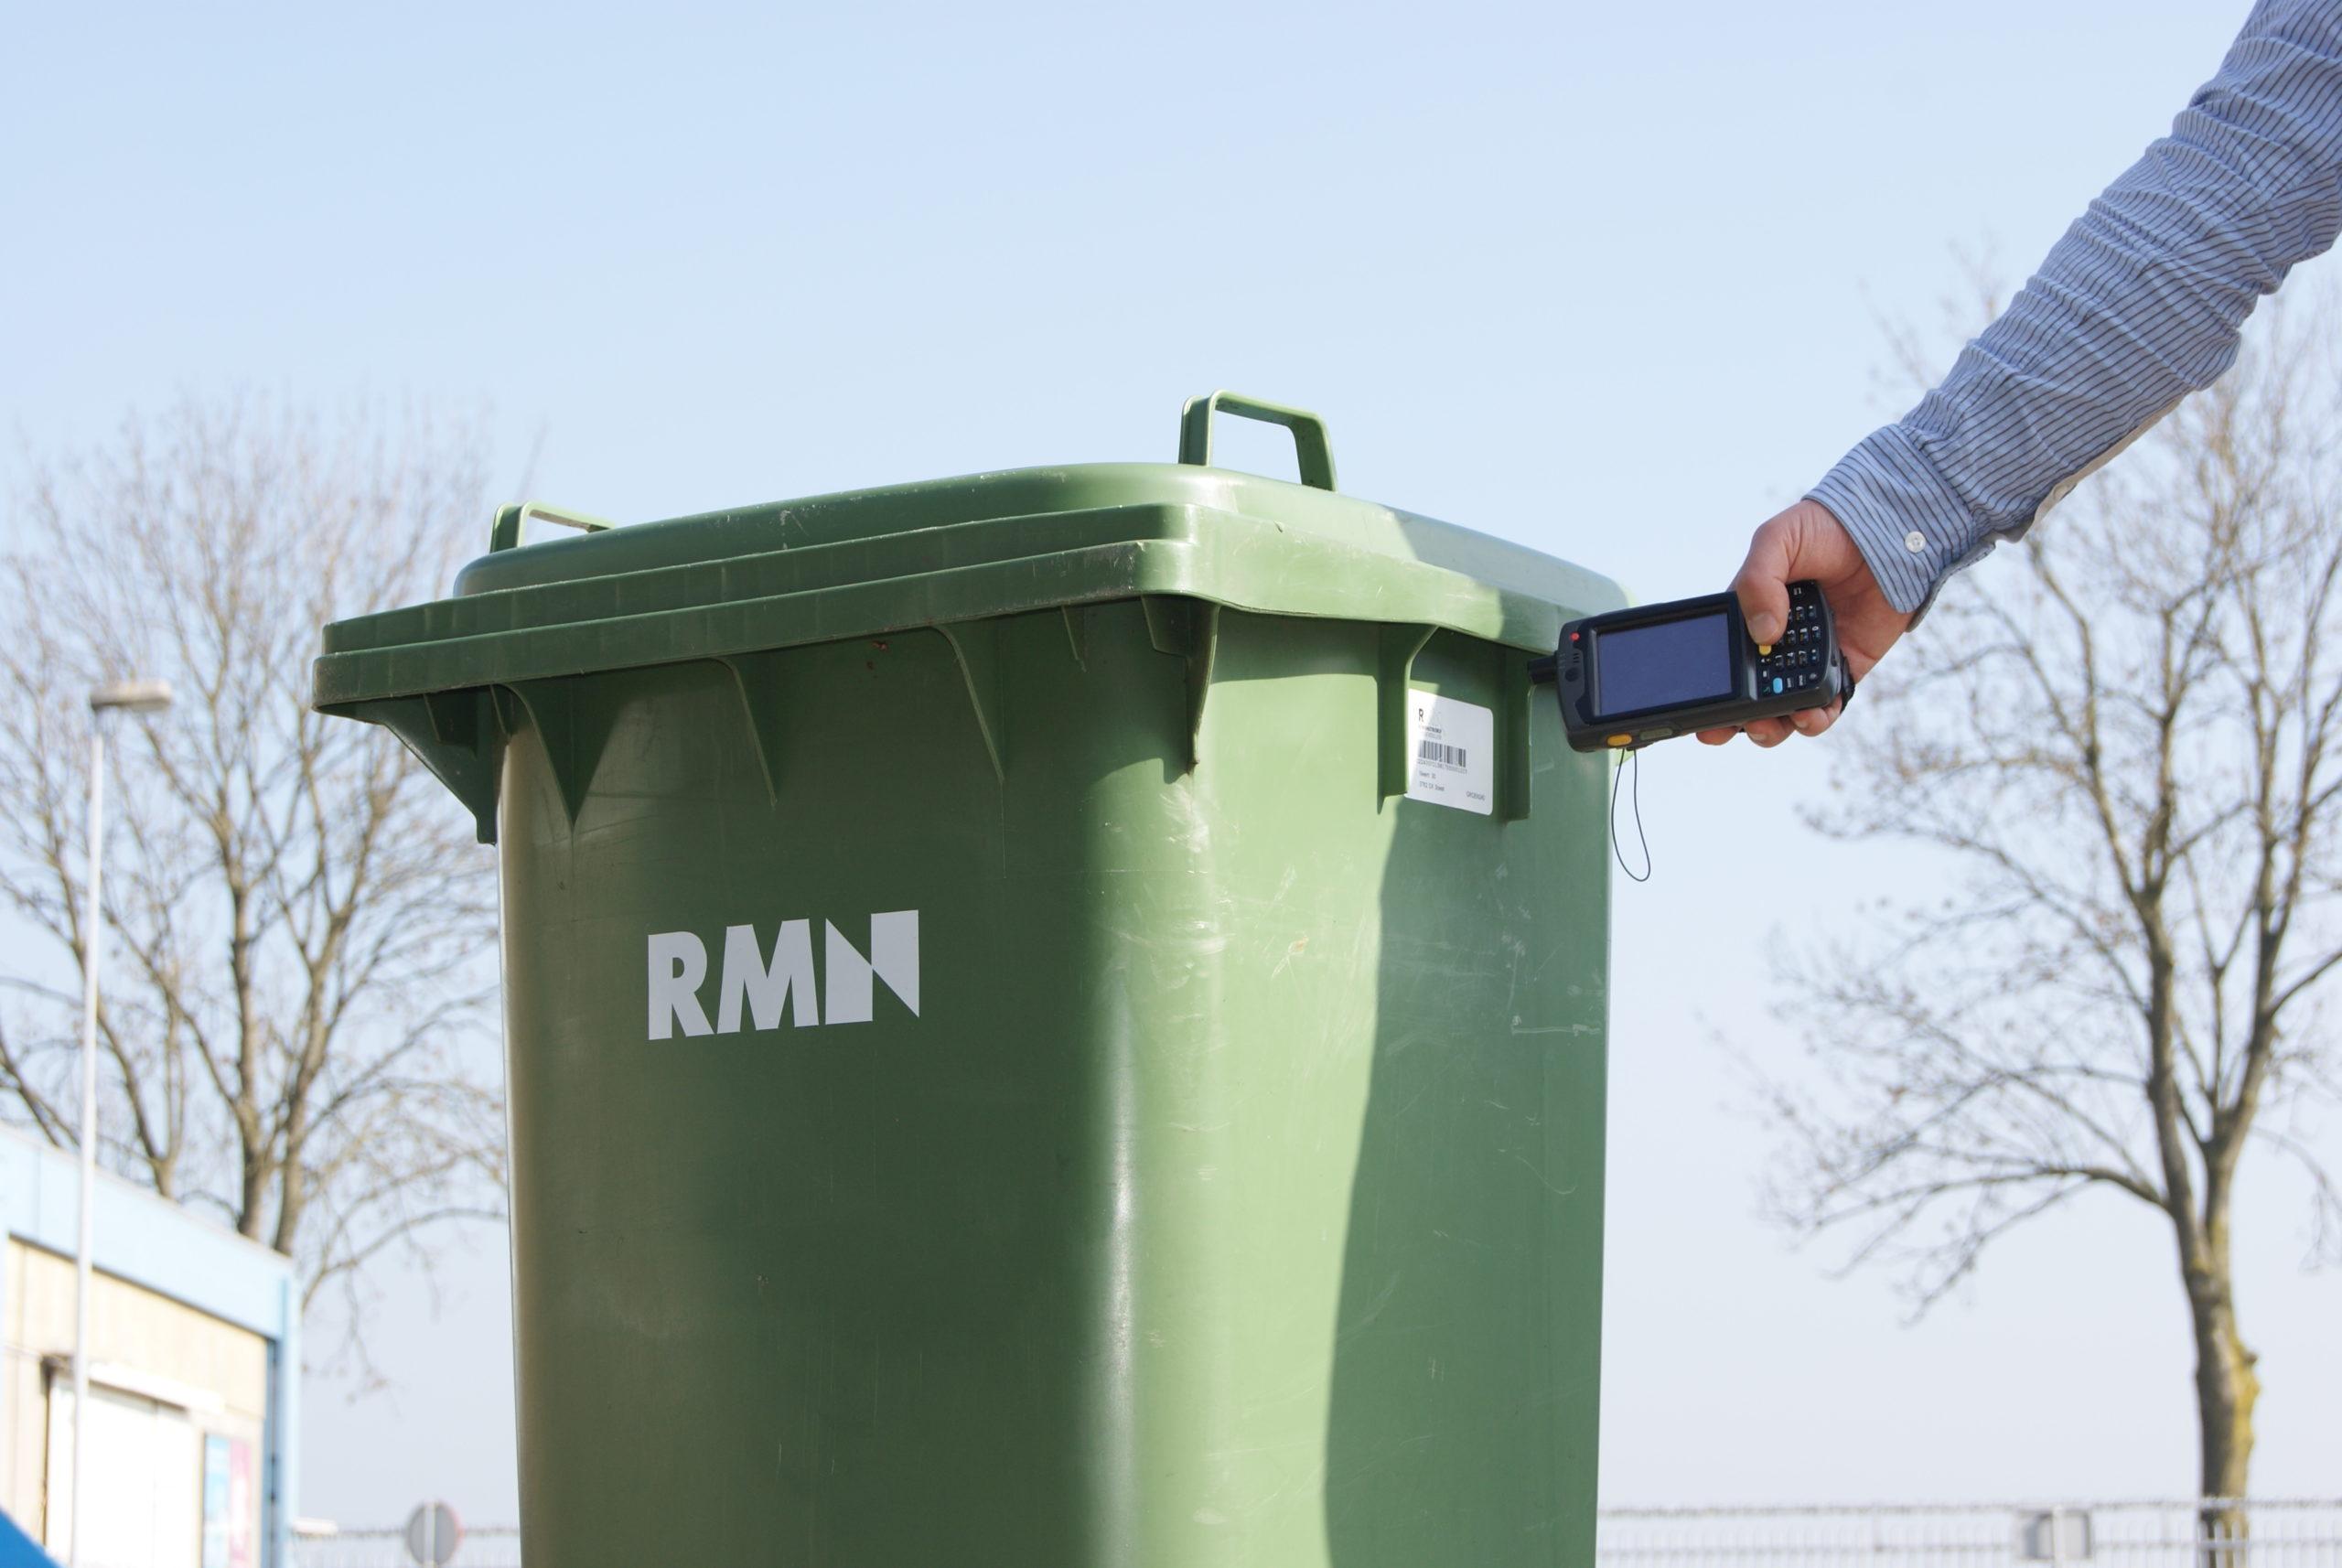 Containerregistratie gemeente Bunnik